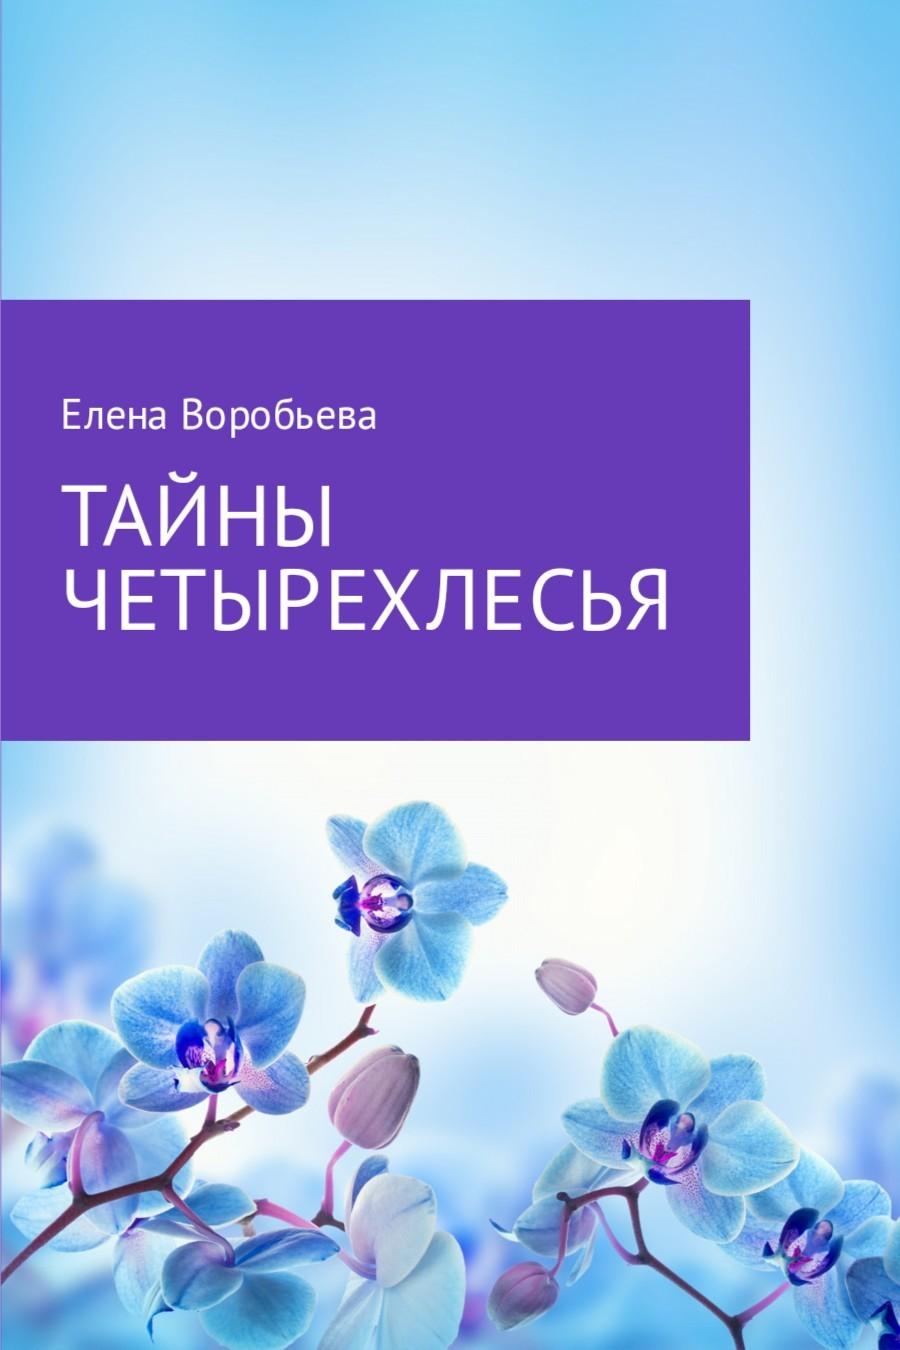 Елена Воробьева - Тайны четырехлесья